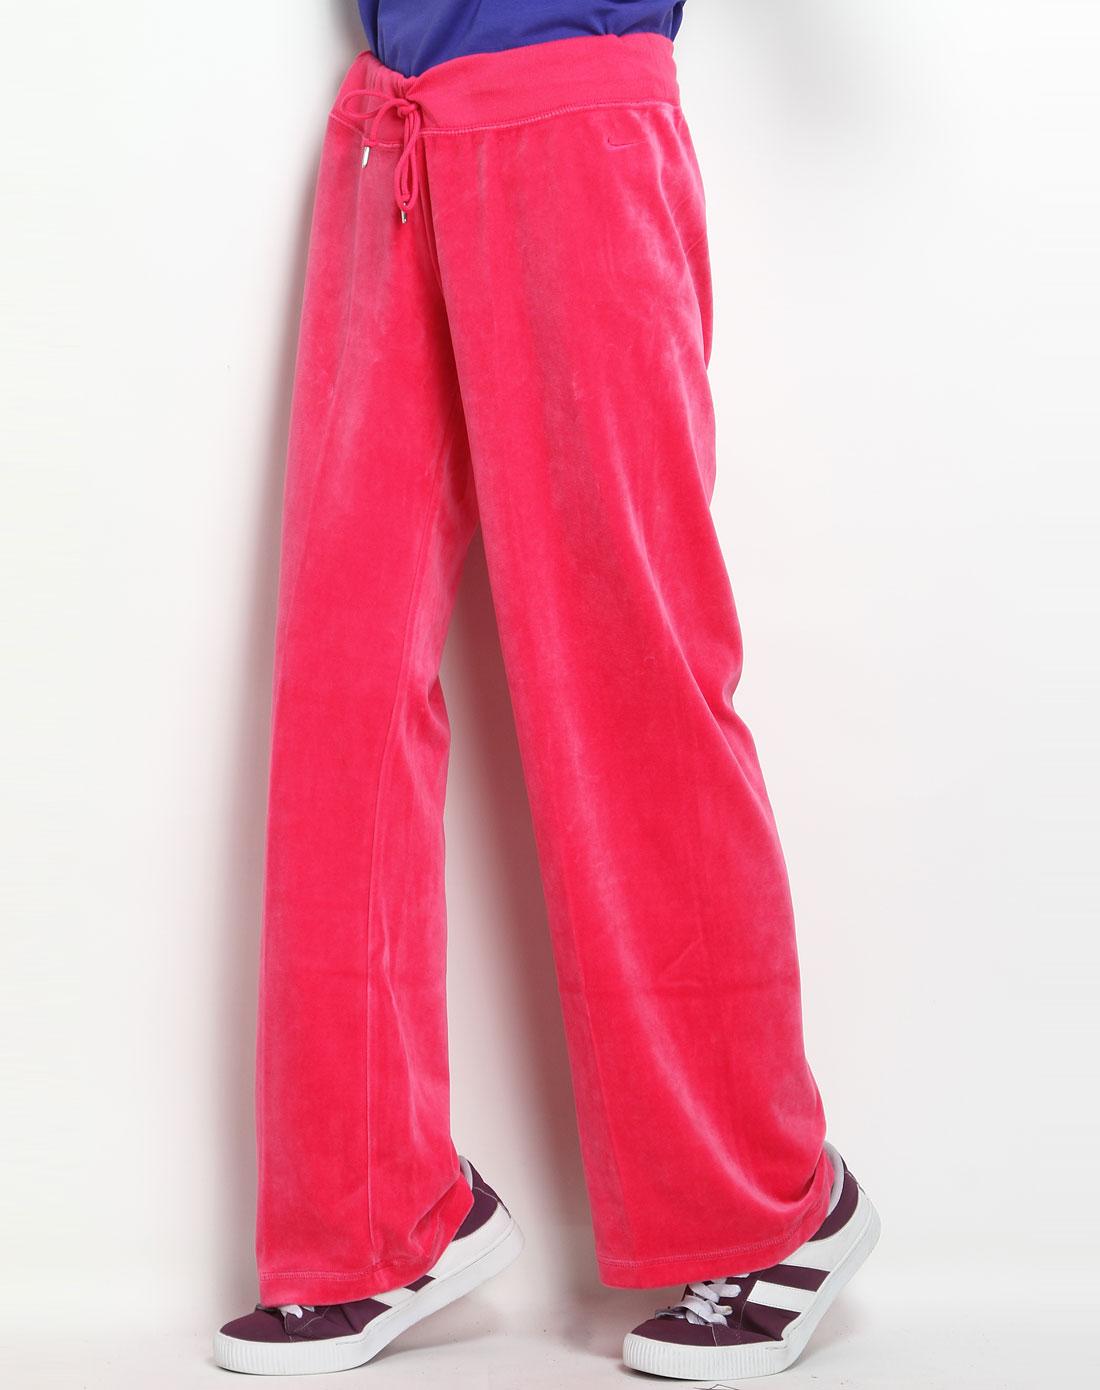 耐克nike女款玫红色个性休闲针织长裤439435-608